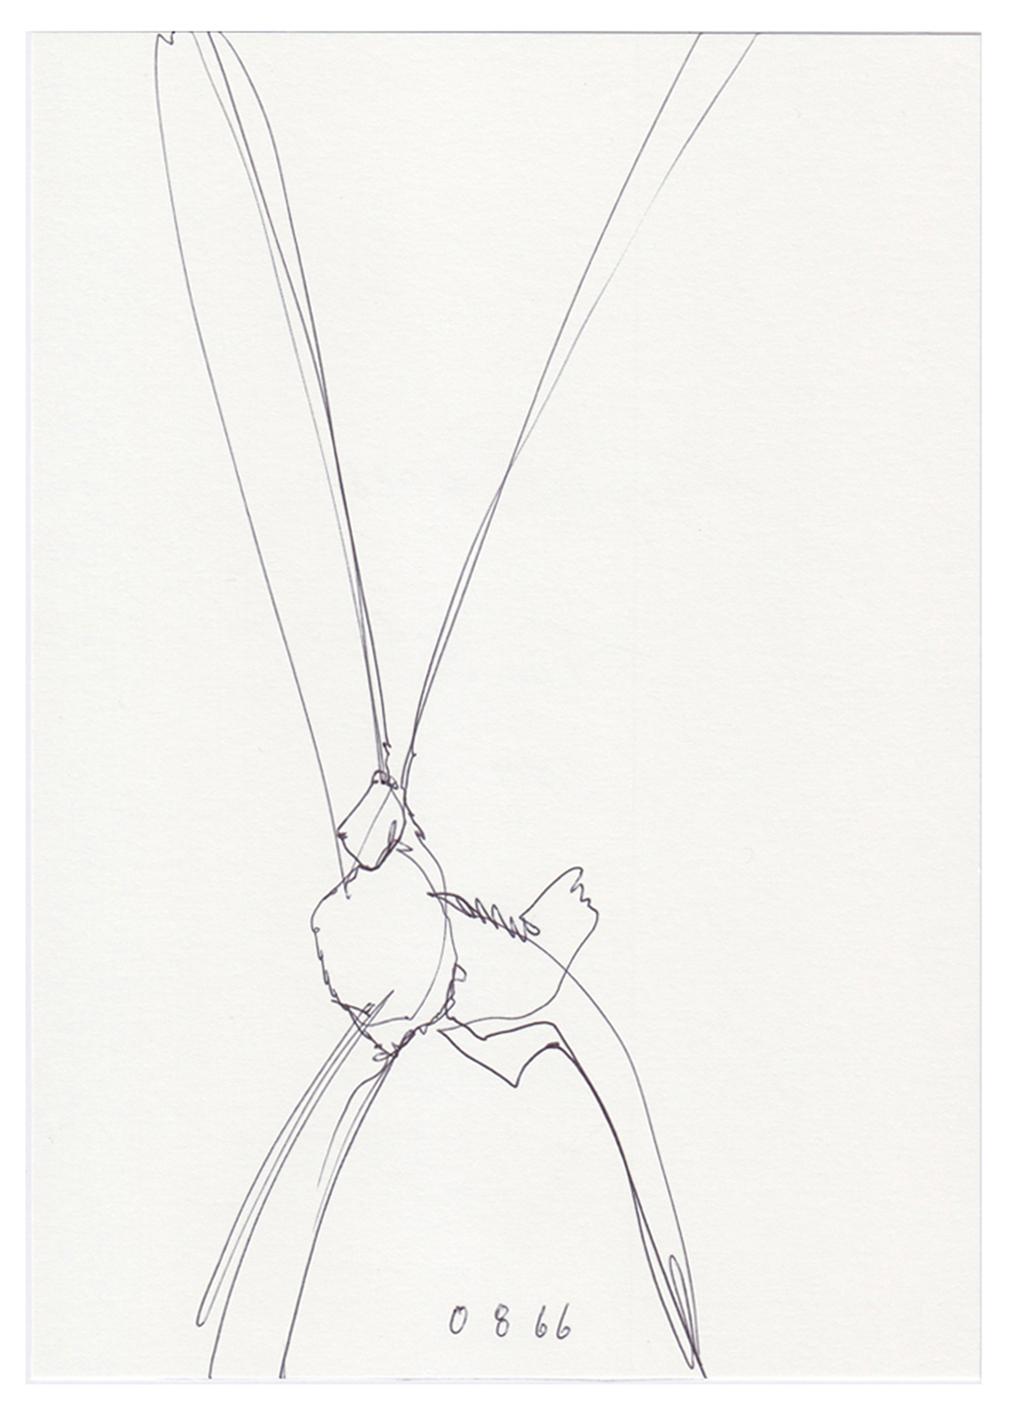 Auf dem Bild ist der gezeichnete Tageshase mit der Nummer: #0866 von der Künstlerin Tina Oelker zu sehen. Es handelt sich um eine Skizze von Meister Lampe.